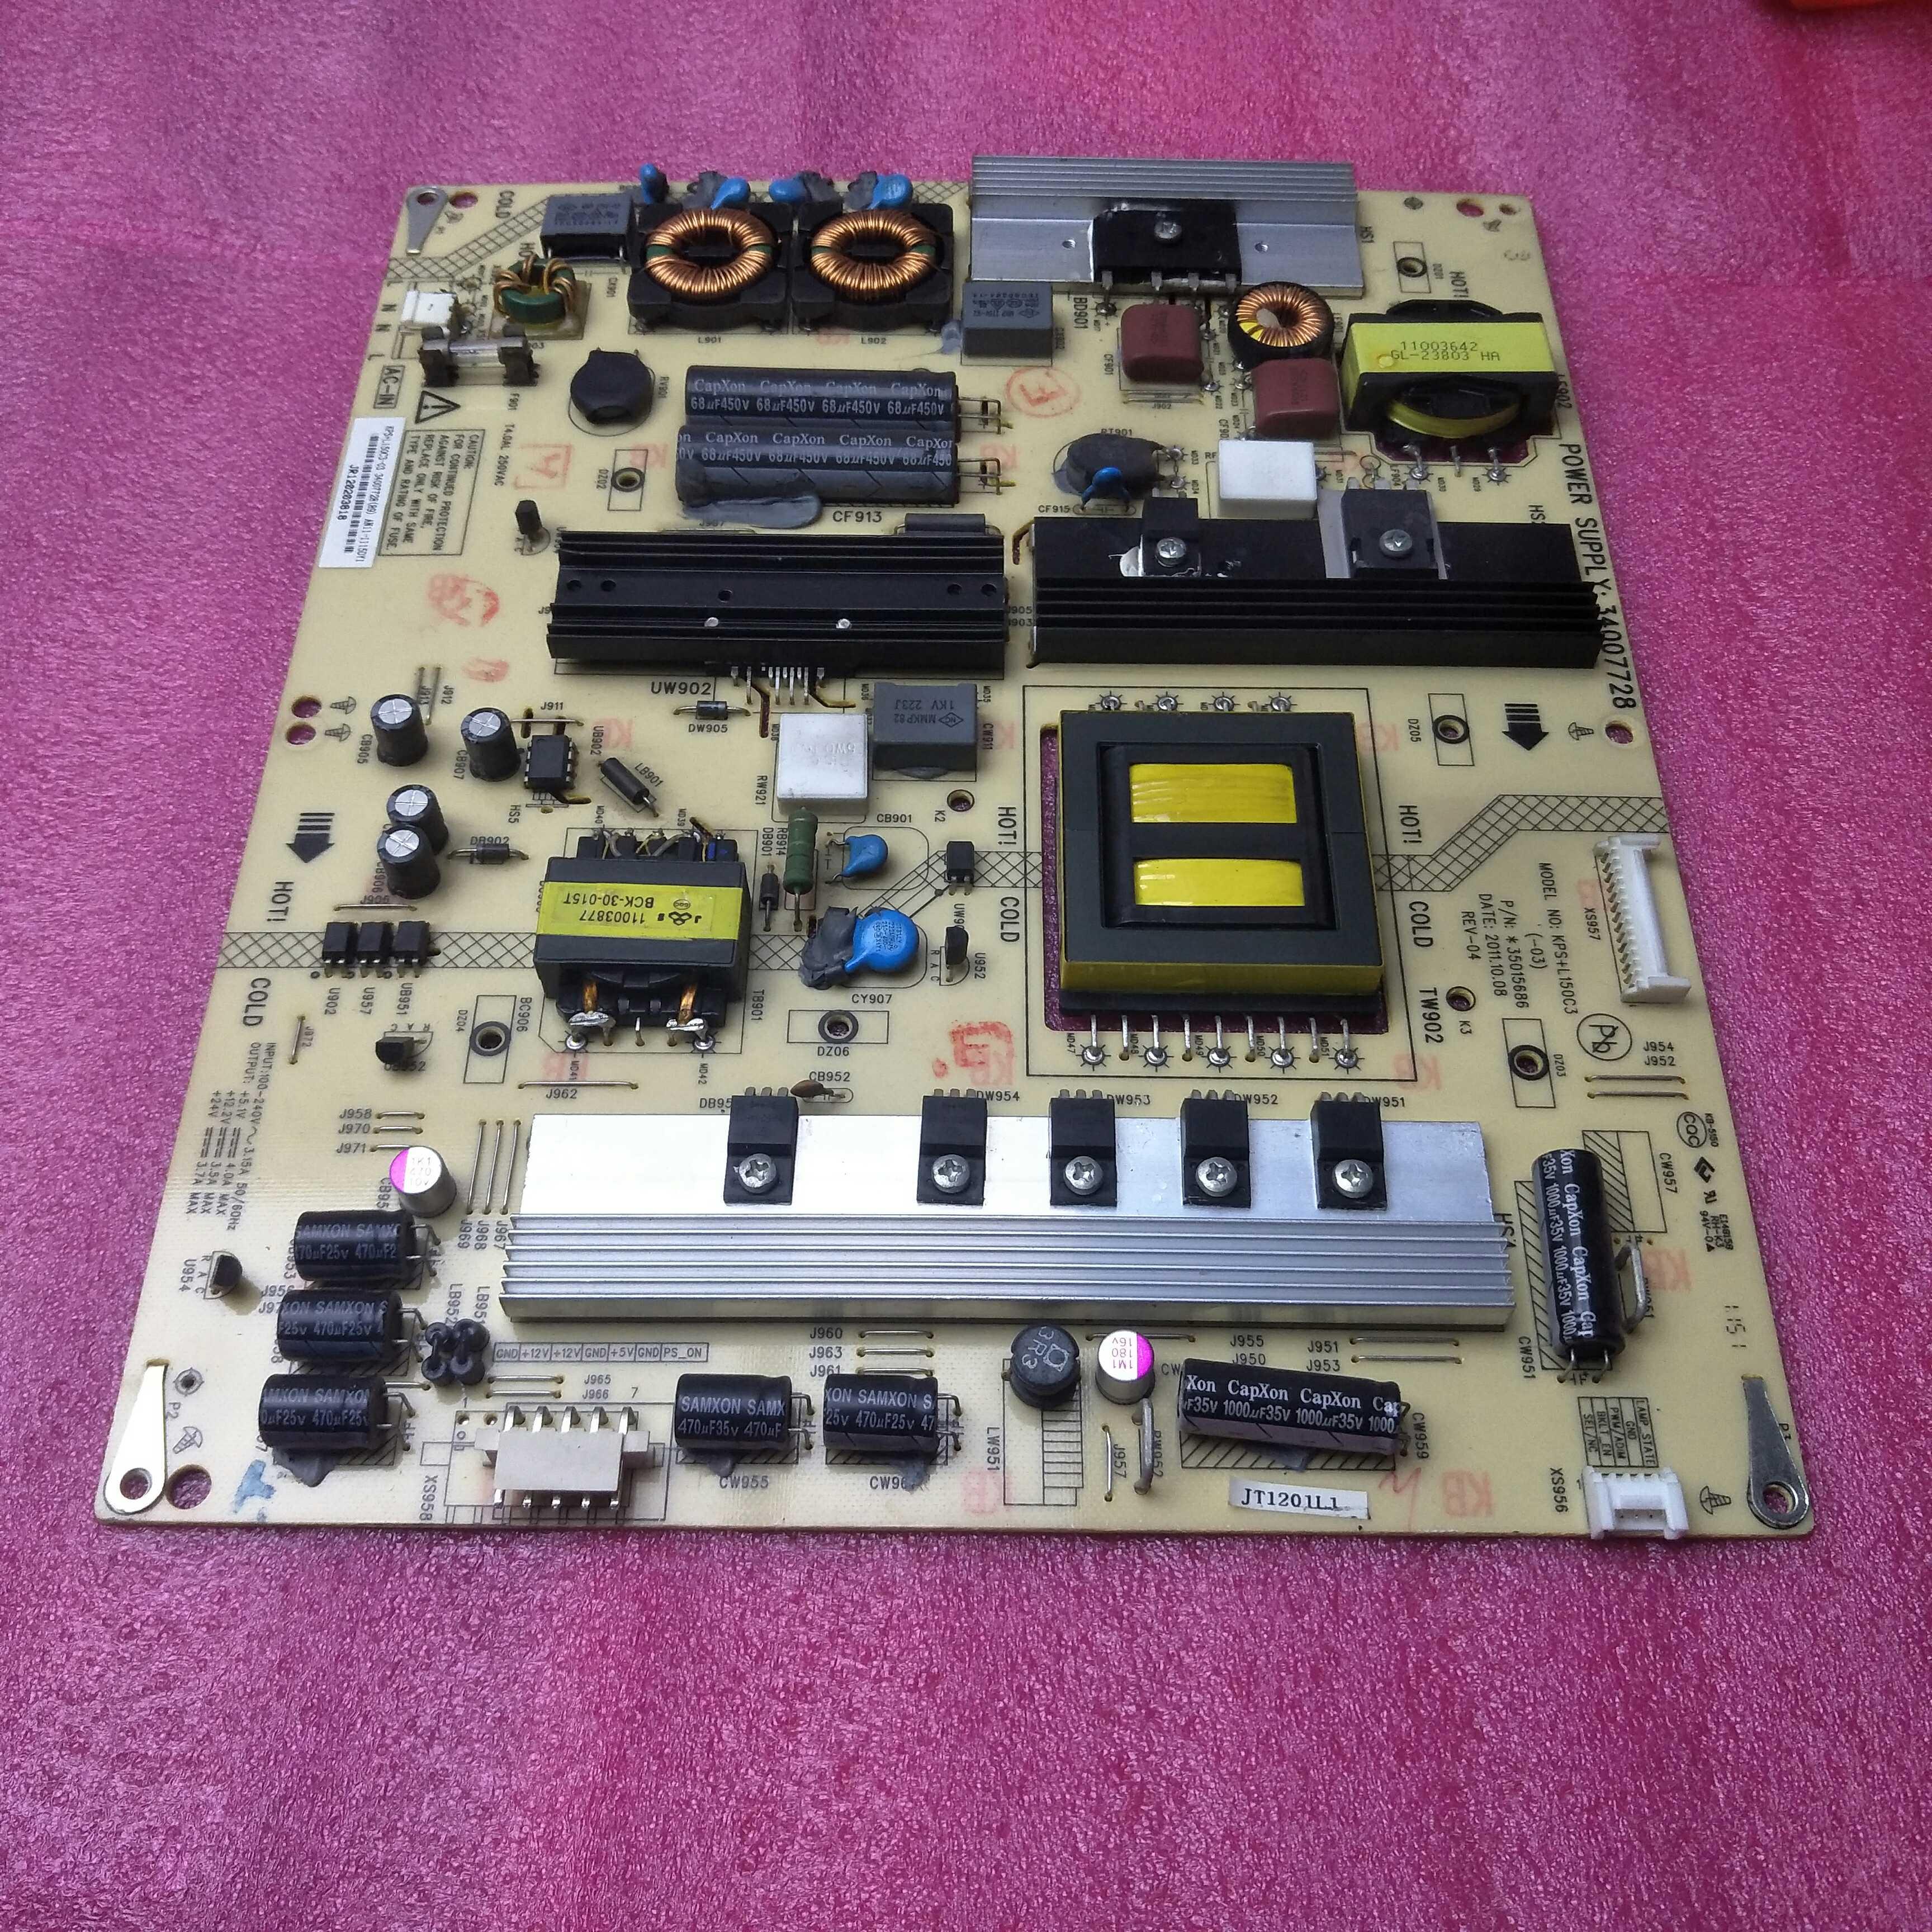 Konka LED55X5000DE55 - Zoll - LCD - TV die stromversorgung An Bord fährt die hochdruck - hintergrundbeleuchtung - Aufsichtsrat